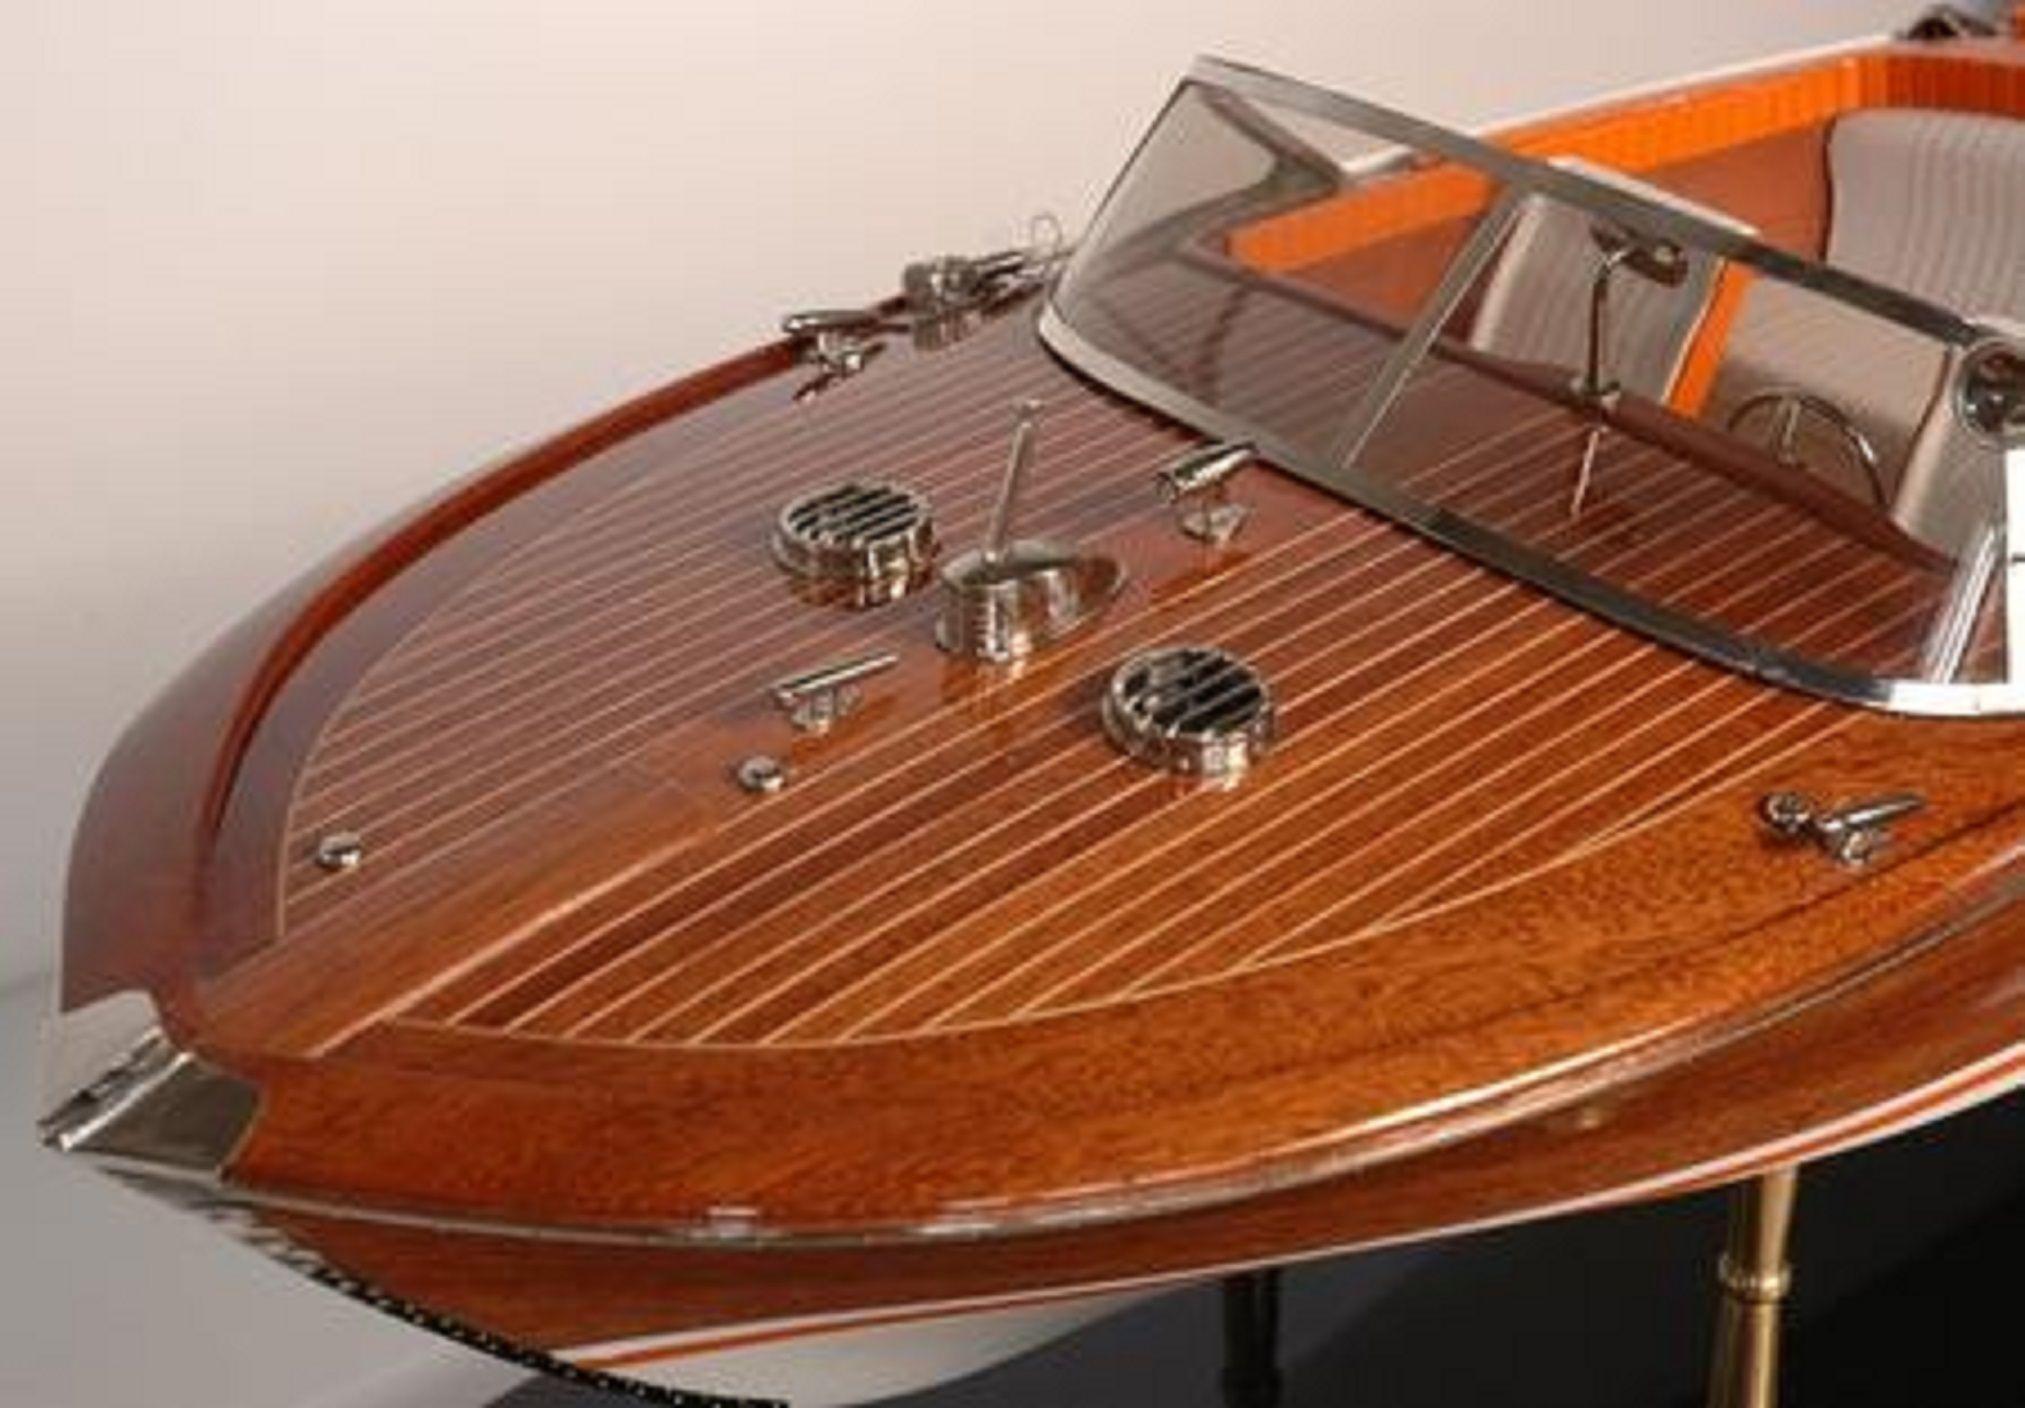 328-7575-Riva-Aquarama-Special-Model-Boat-Premier-Range